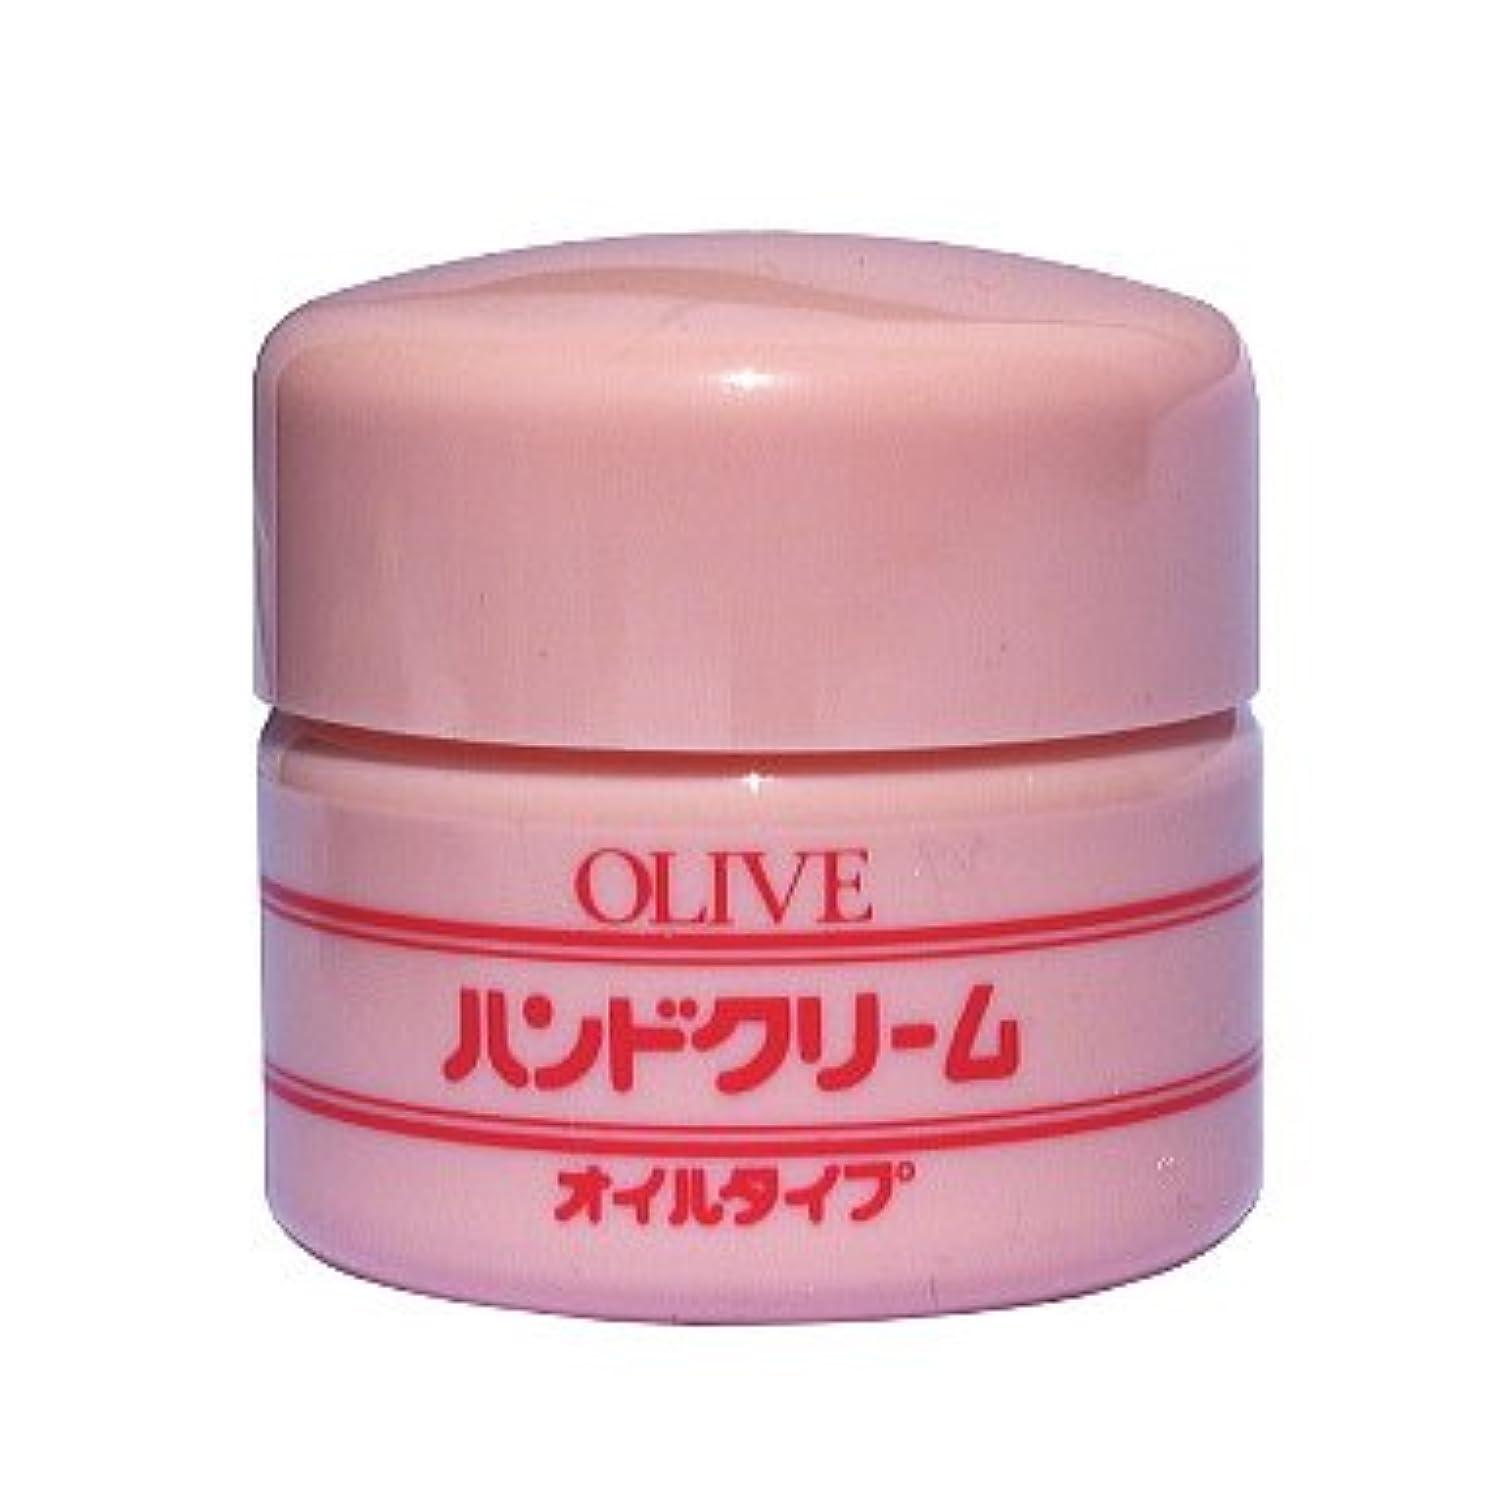 独立した必須付添人鈴虫化粧品 オリーブハンドクリーム(オイルタイプ/容器タイプ)53g